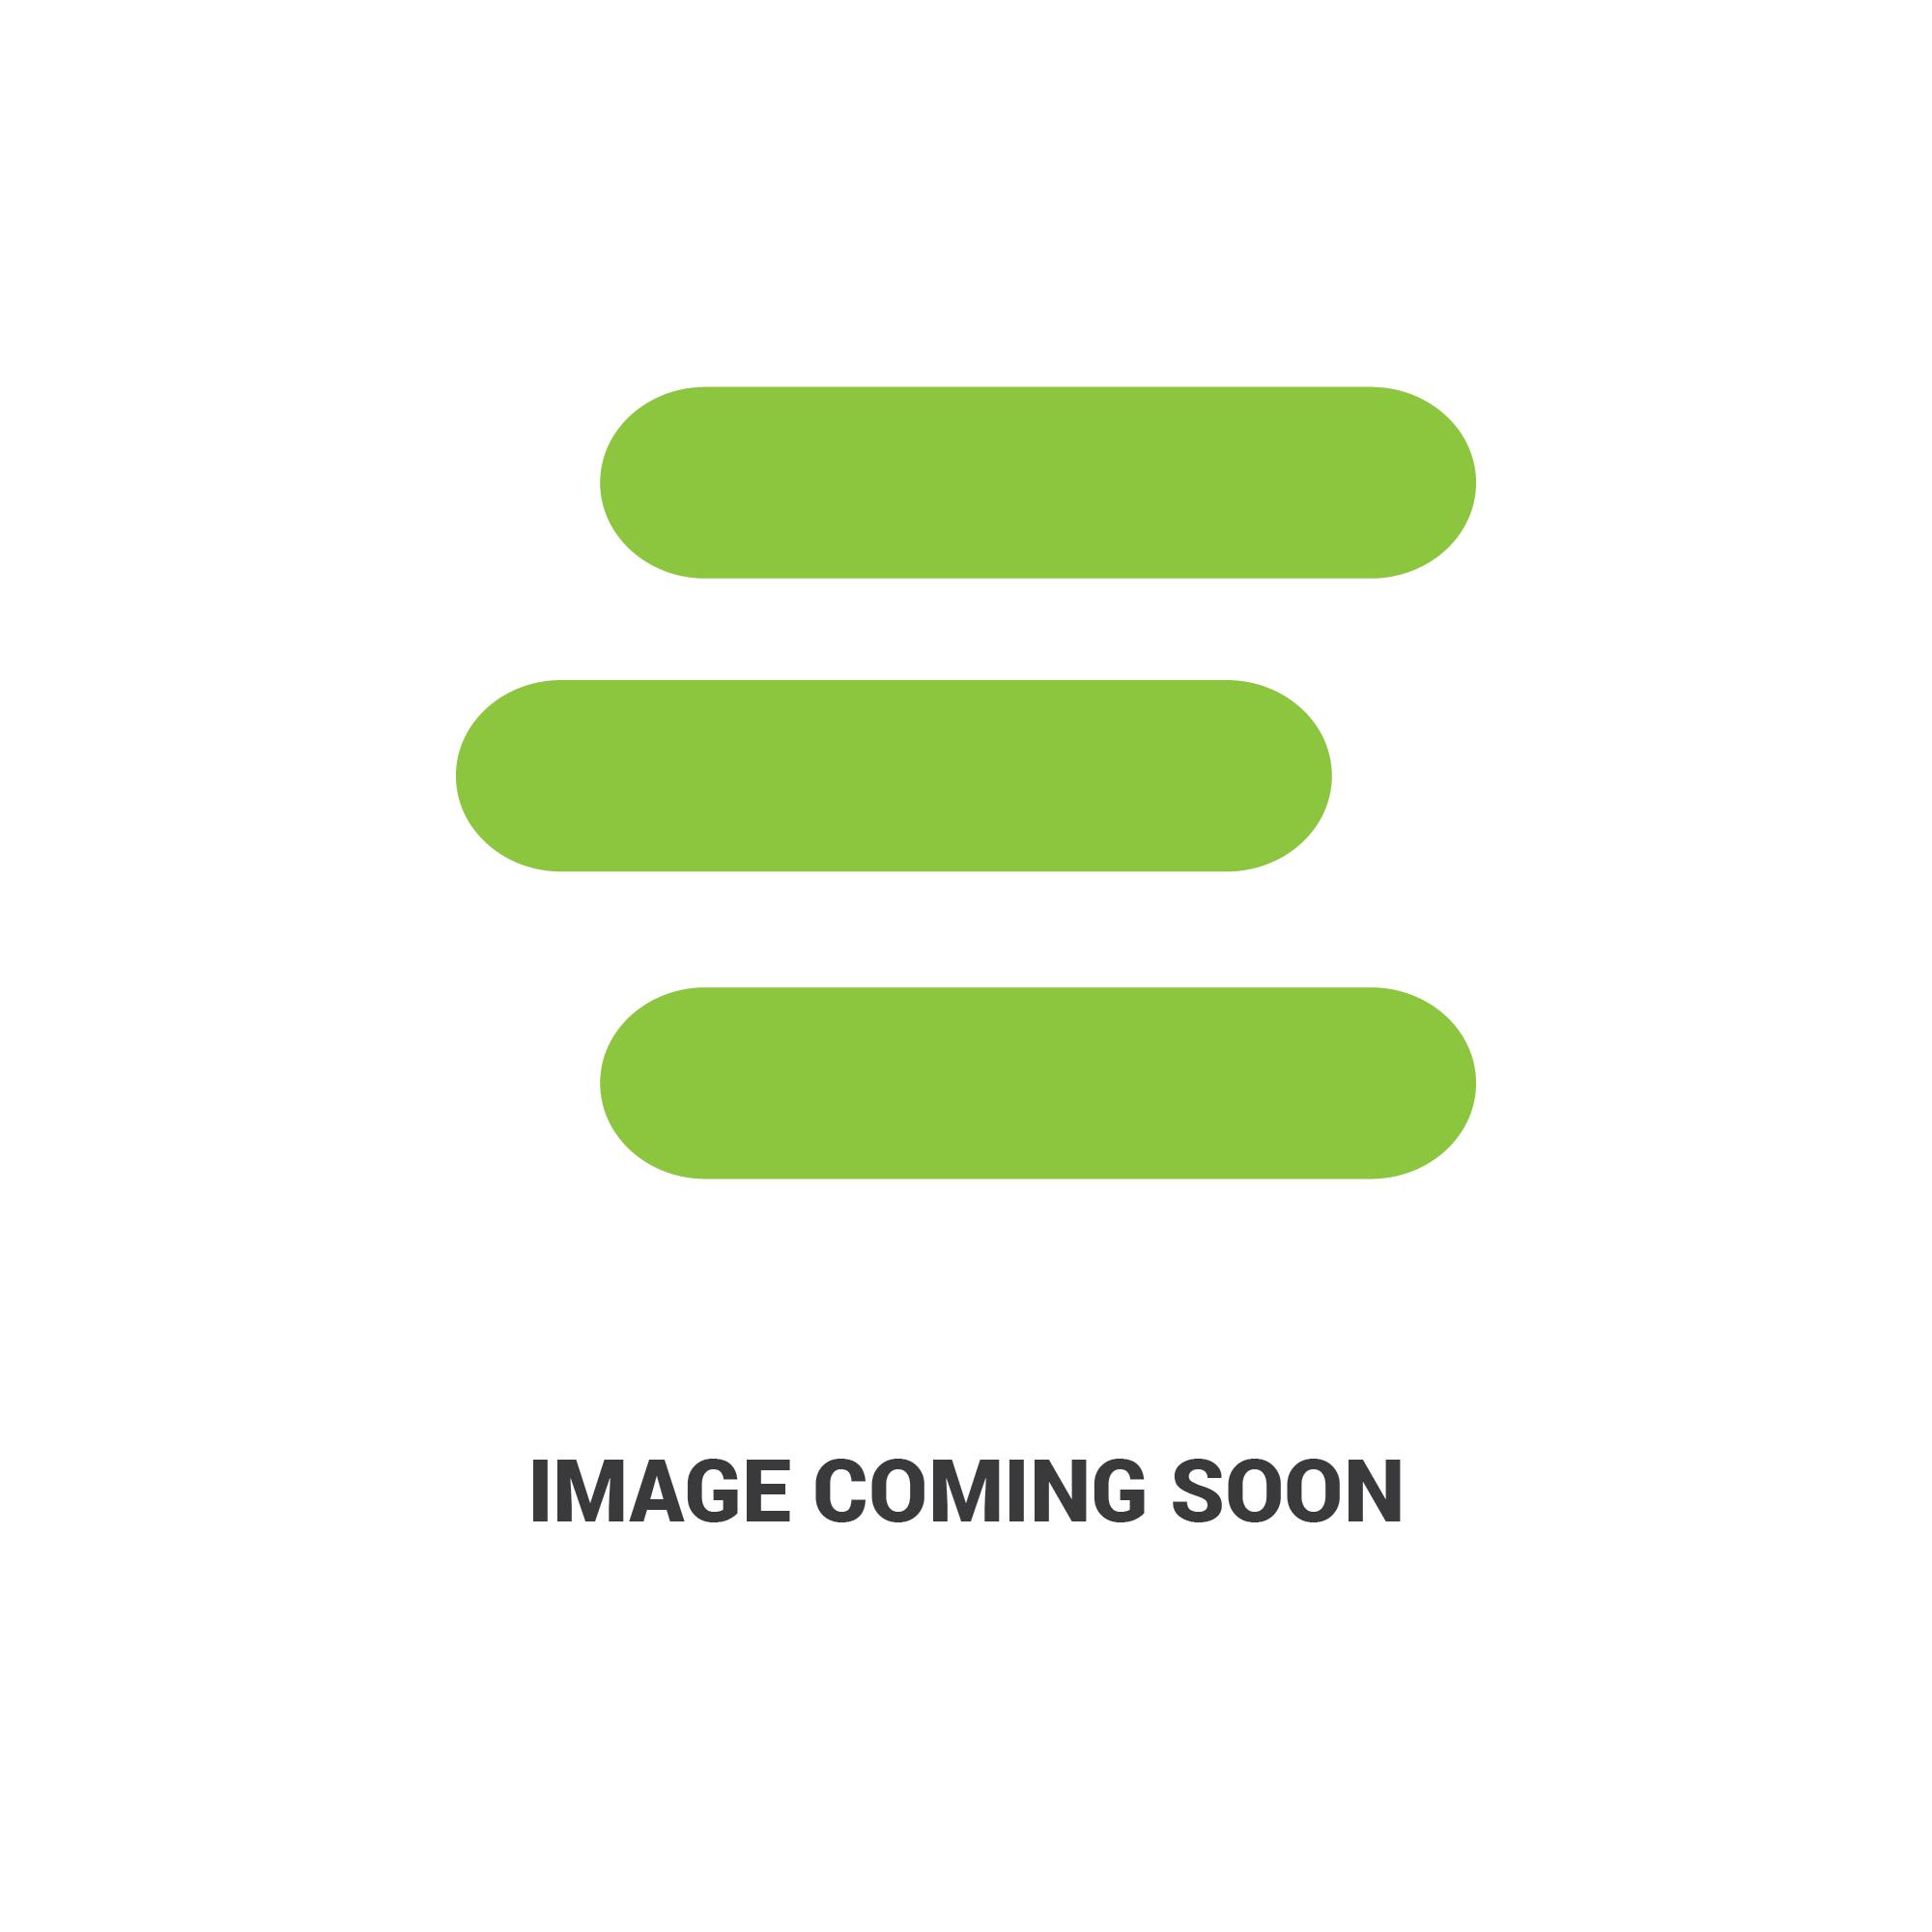 E-6A320-58812edit 1.jpg